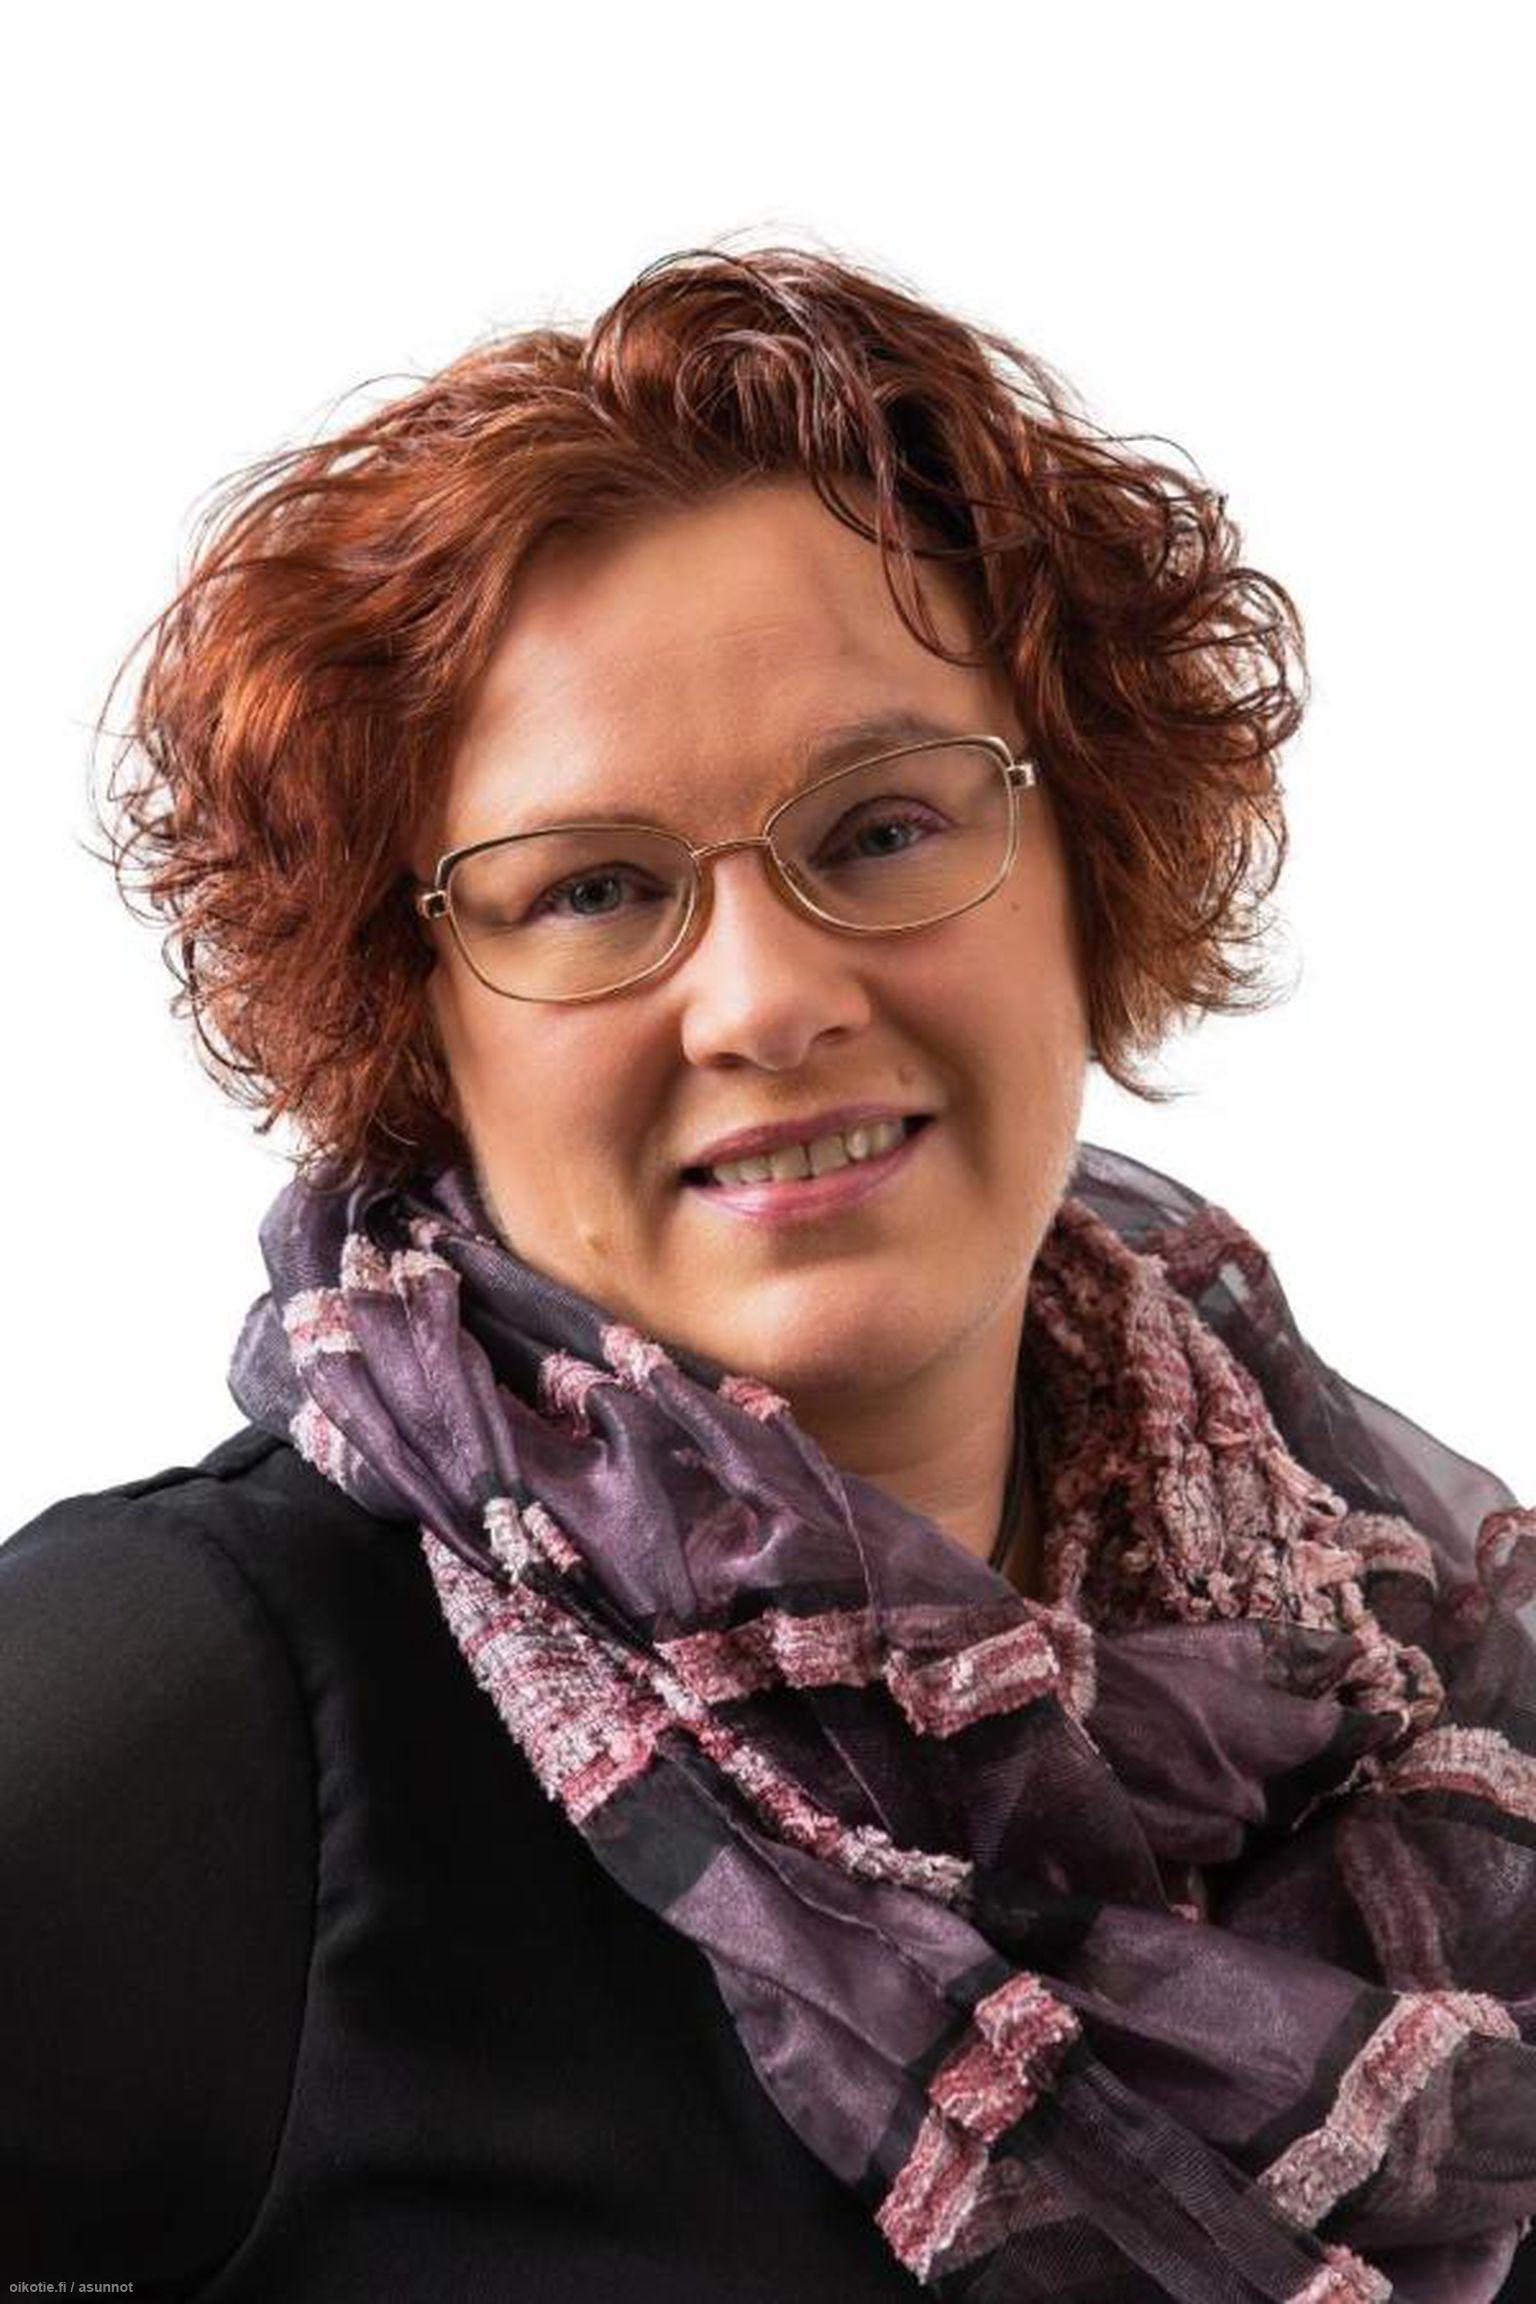 Johanna Harju